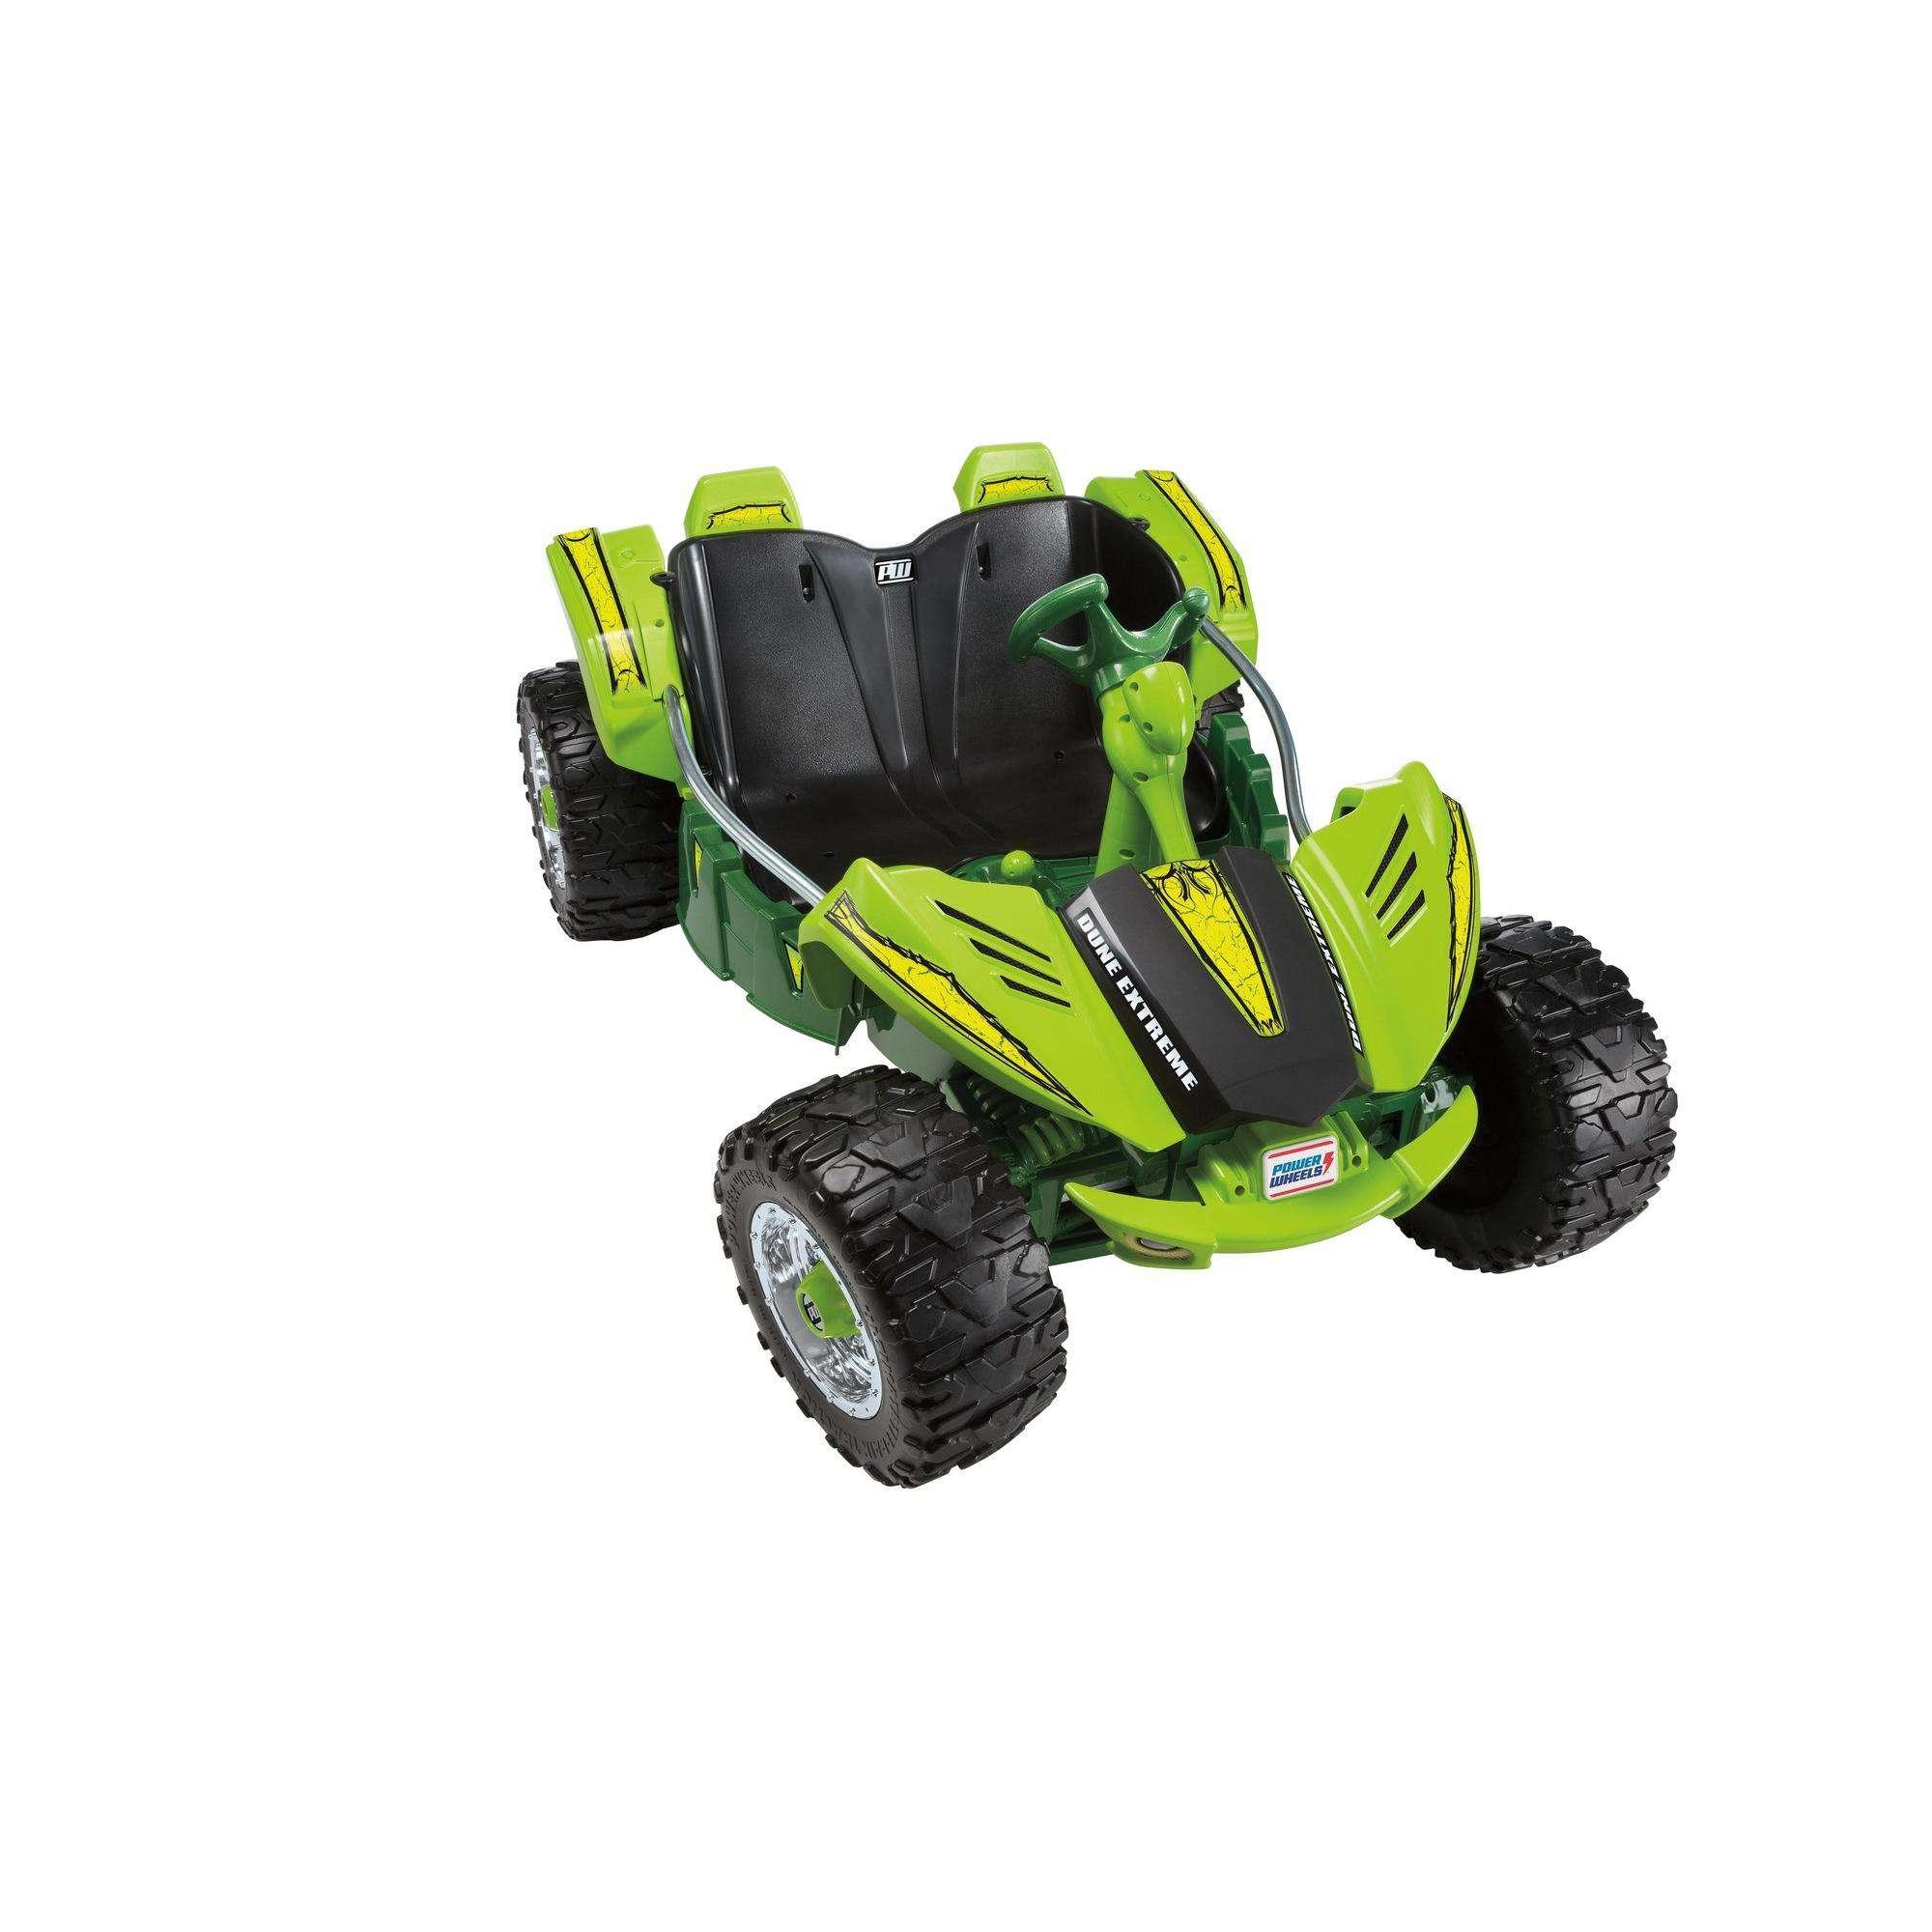 Power Wheels 12V Dune Racer Ride-On Vehicle